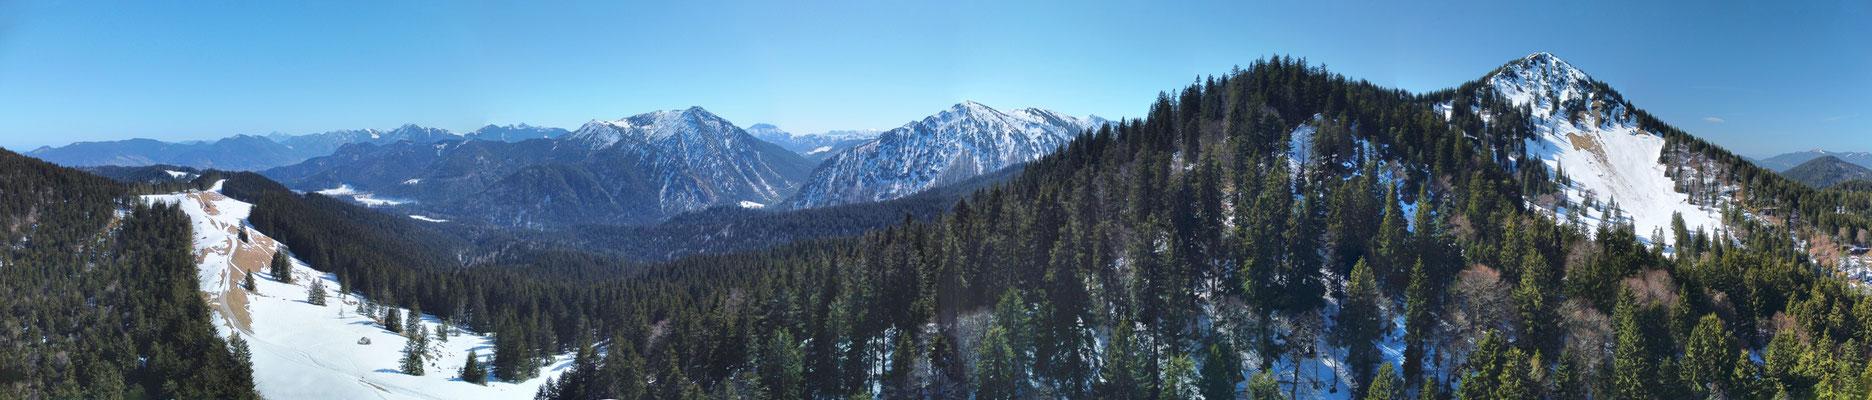 Panorama - Drohnenfoto - Landschaft - Berge - Alpen - Ausflug - Wanderung - Aueralm - Bad Wiesse - Tegernsee